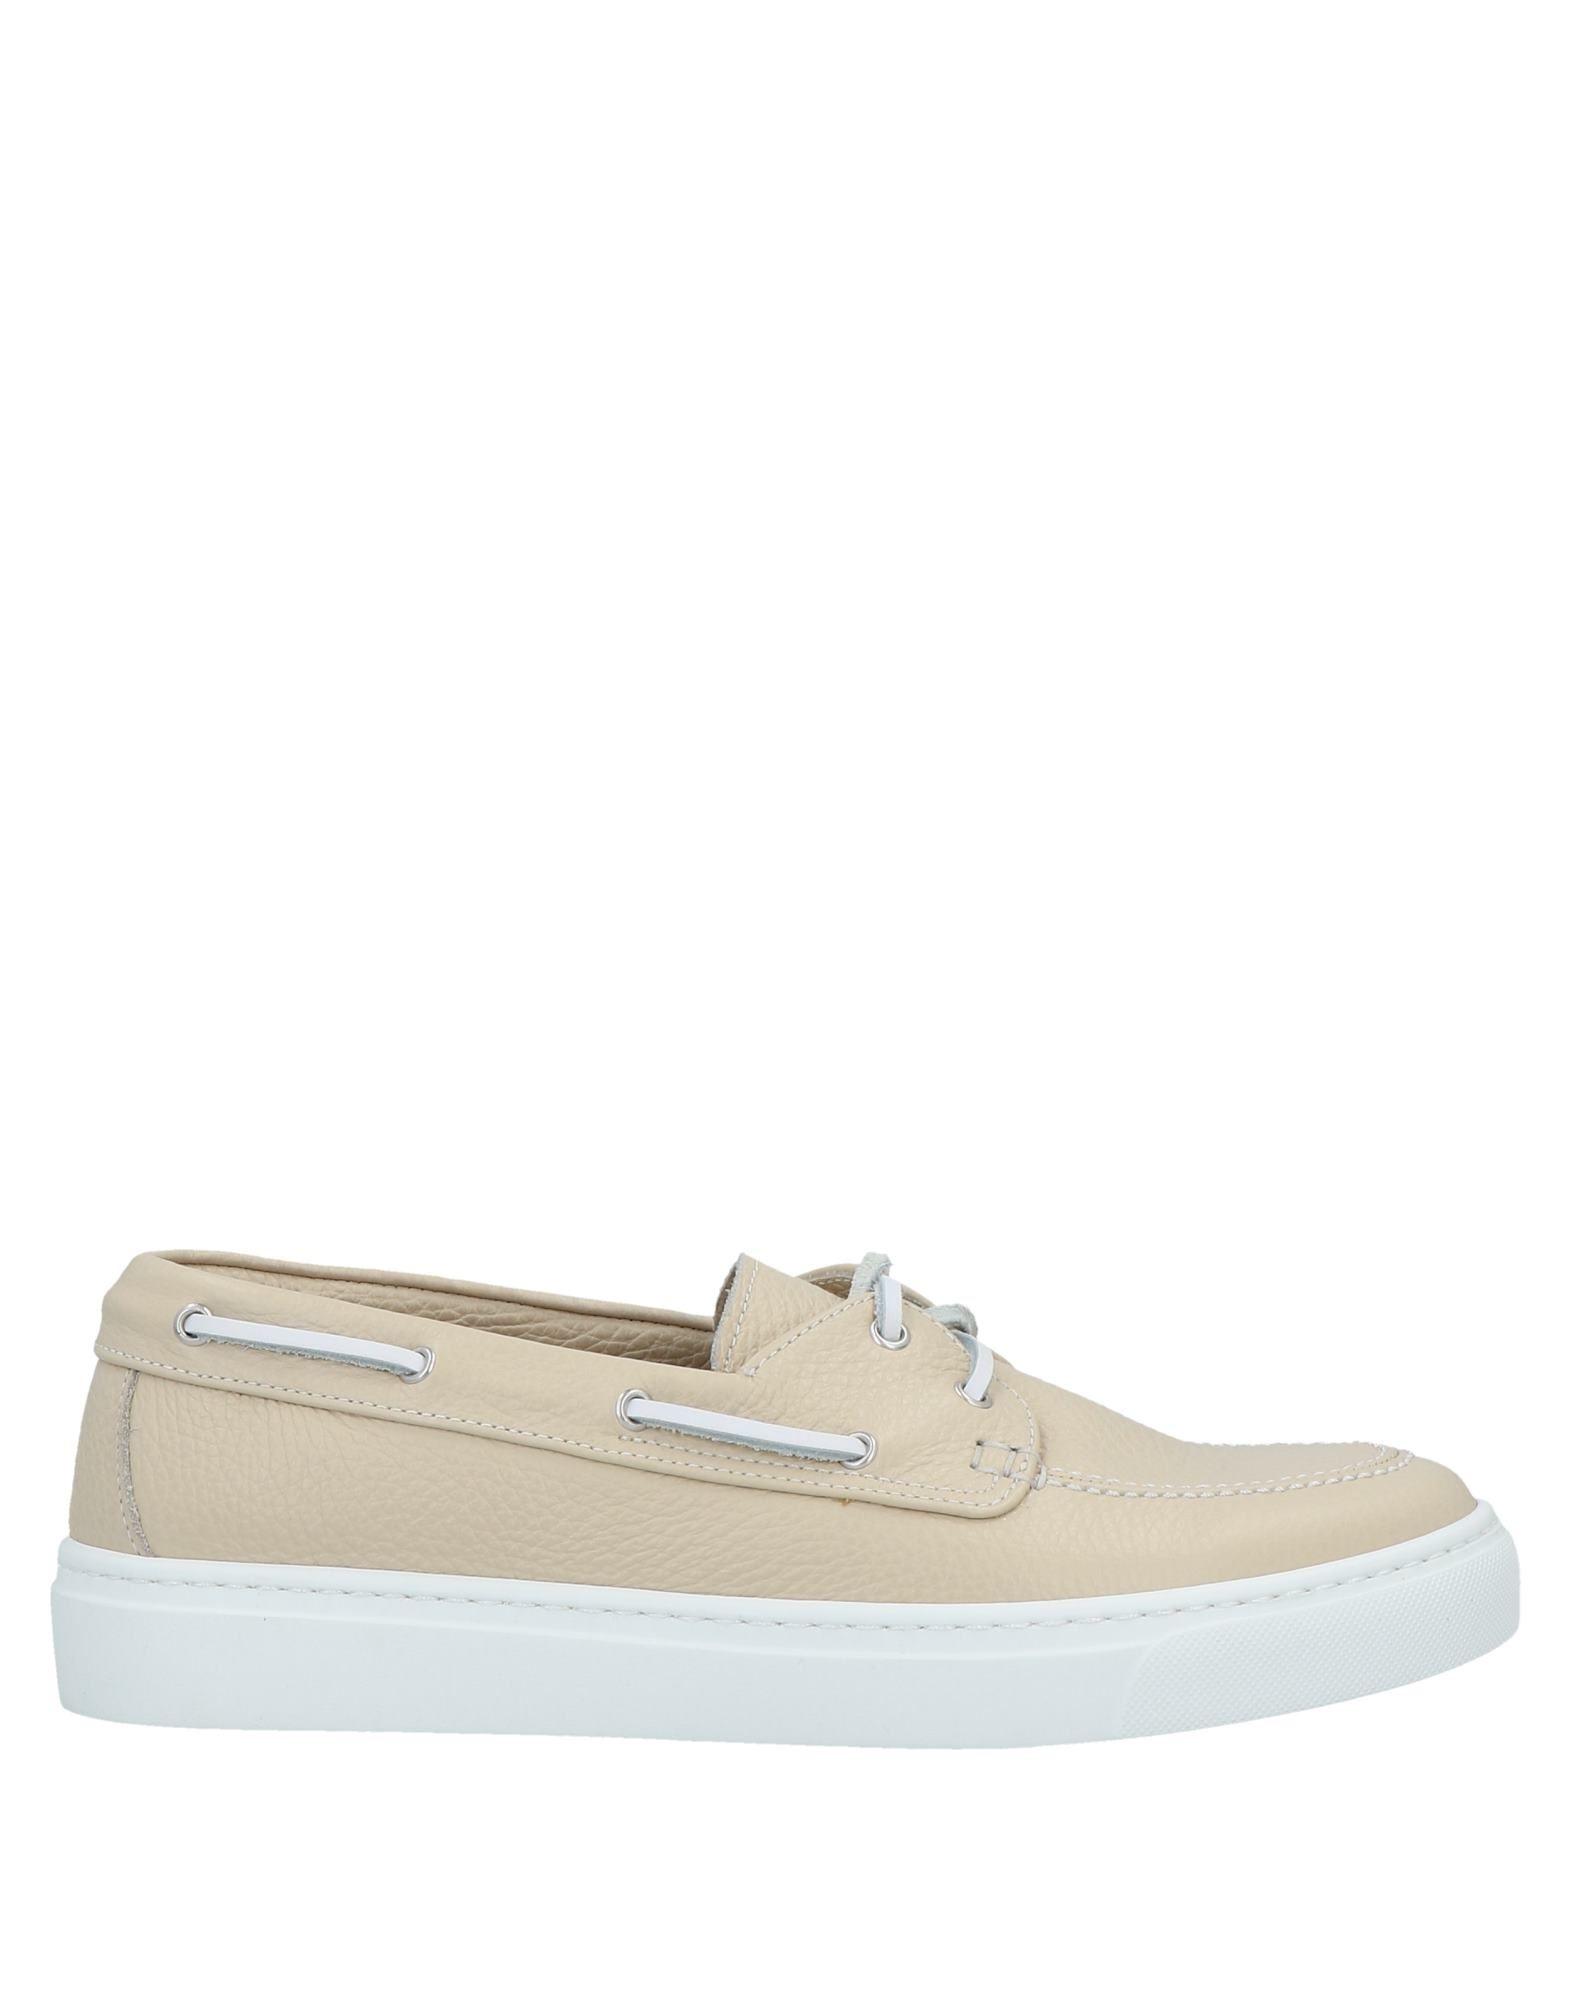 Henderson Baracco Sneakers In Beige